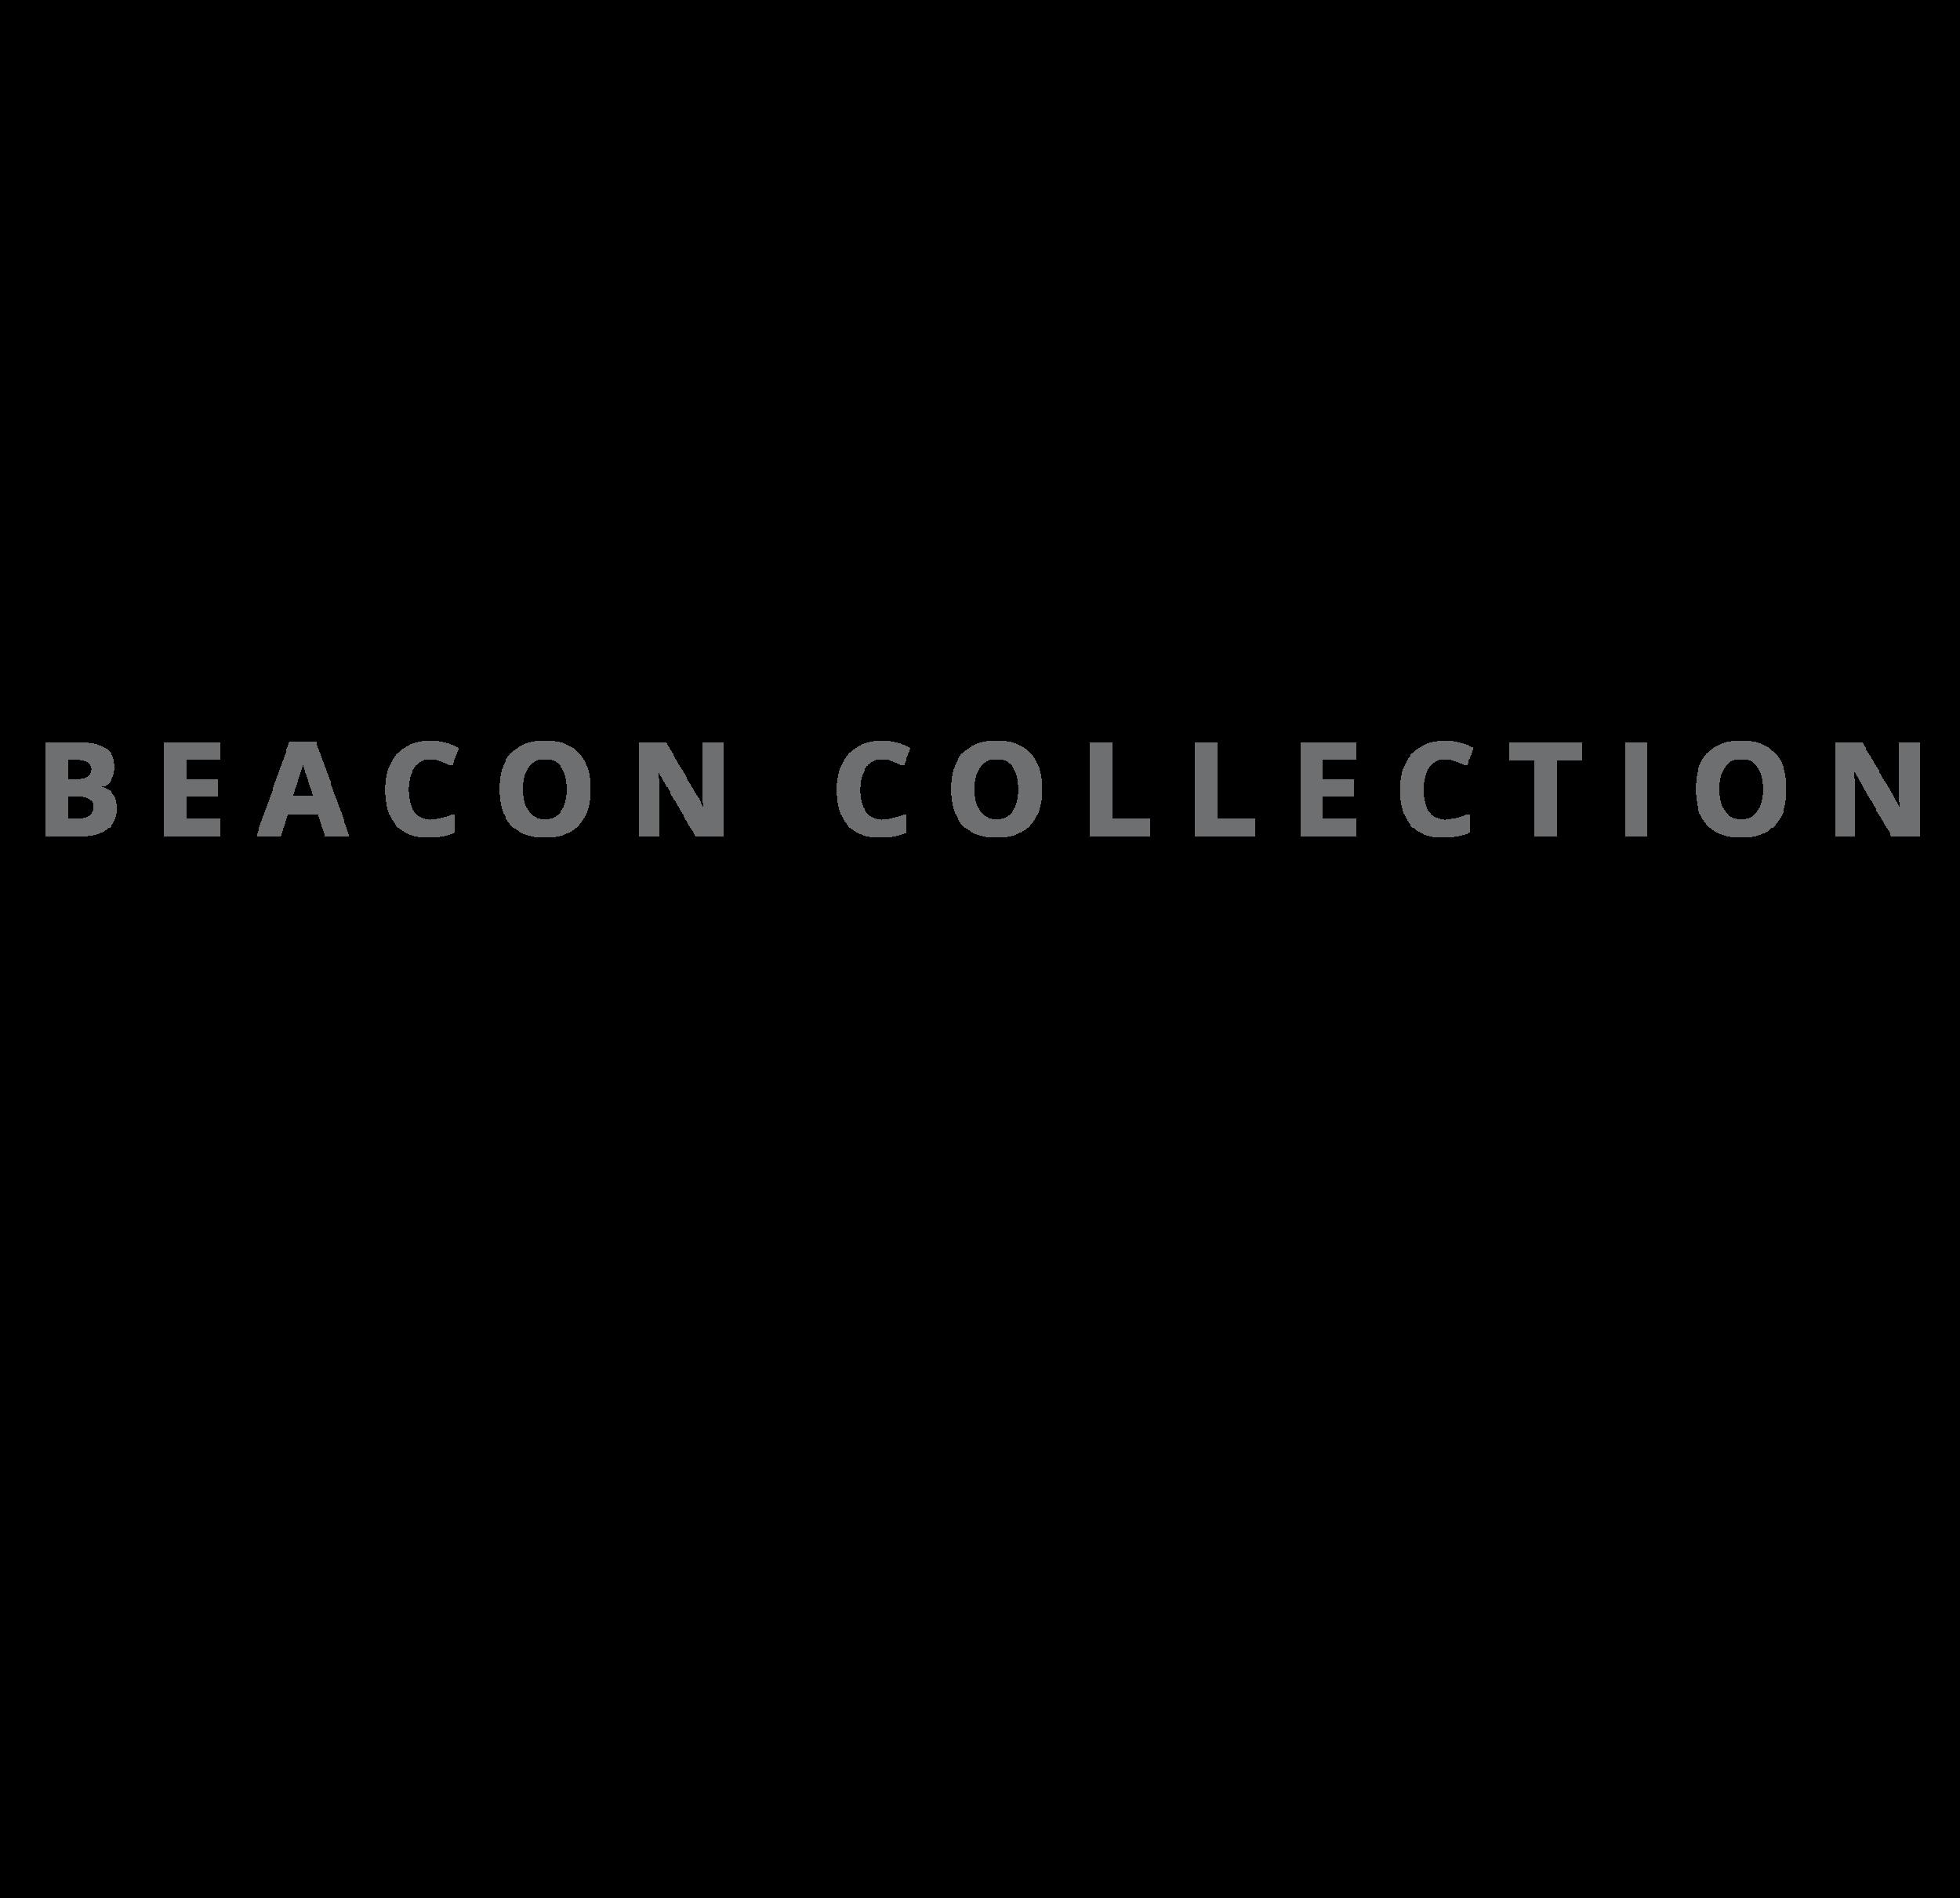 BC_logo-02-02.png